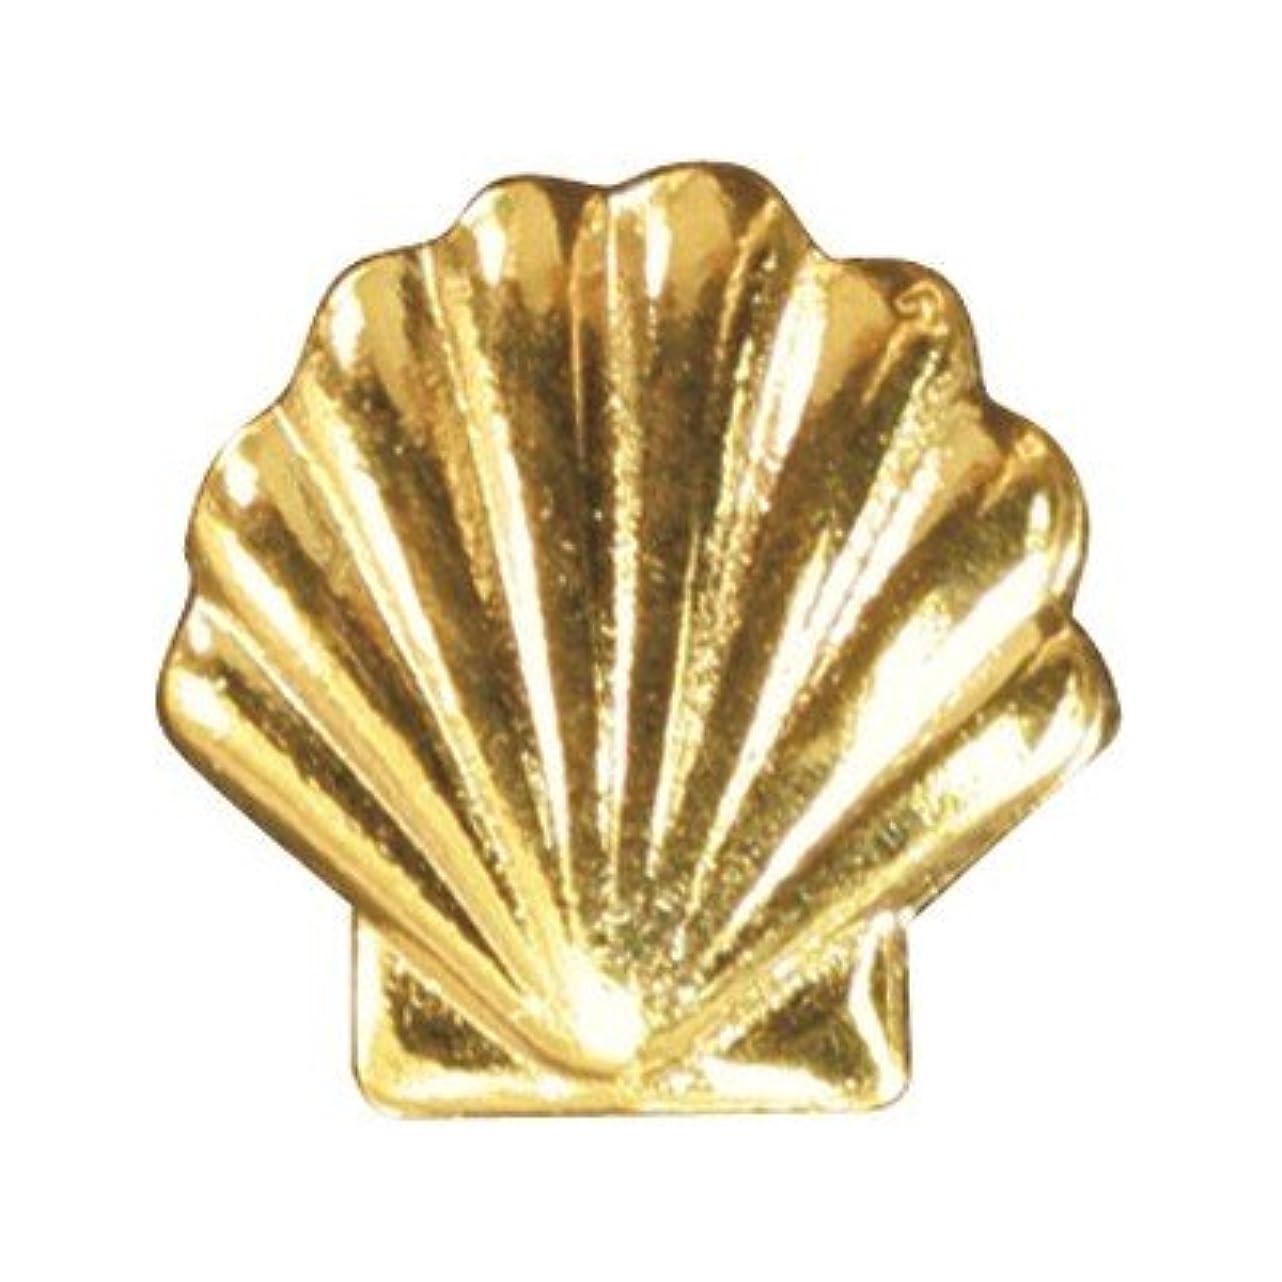 ご意見戸惑うせっかちピアドラ メタルシェル(大)30P ゴールド